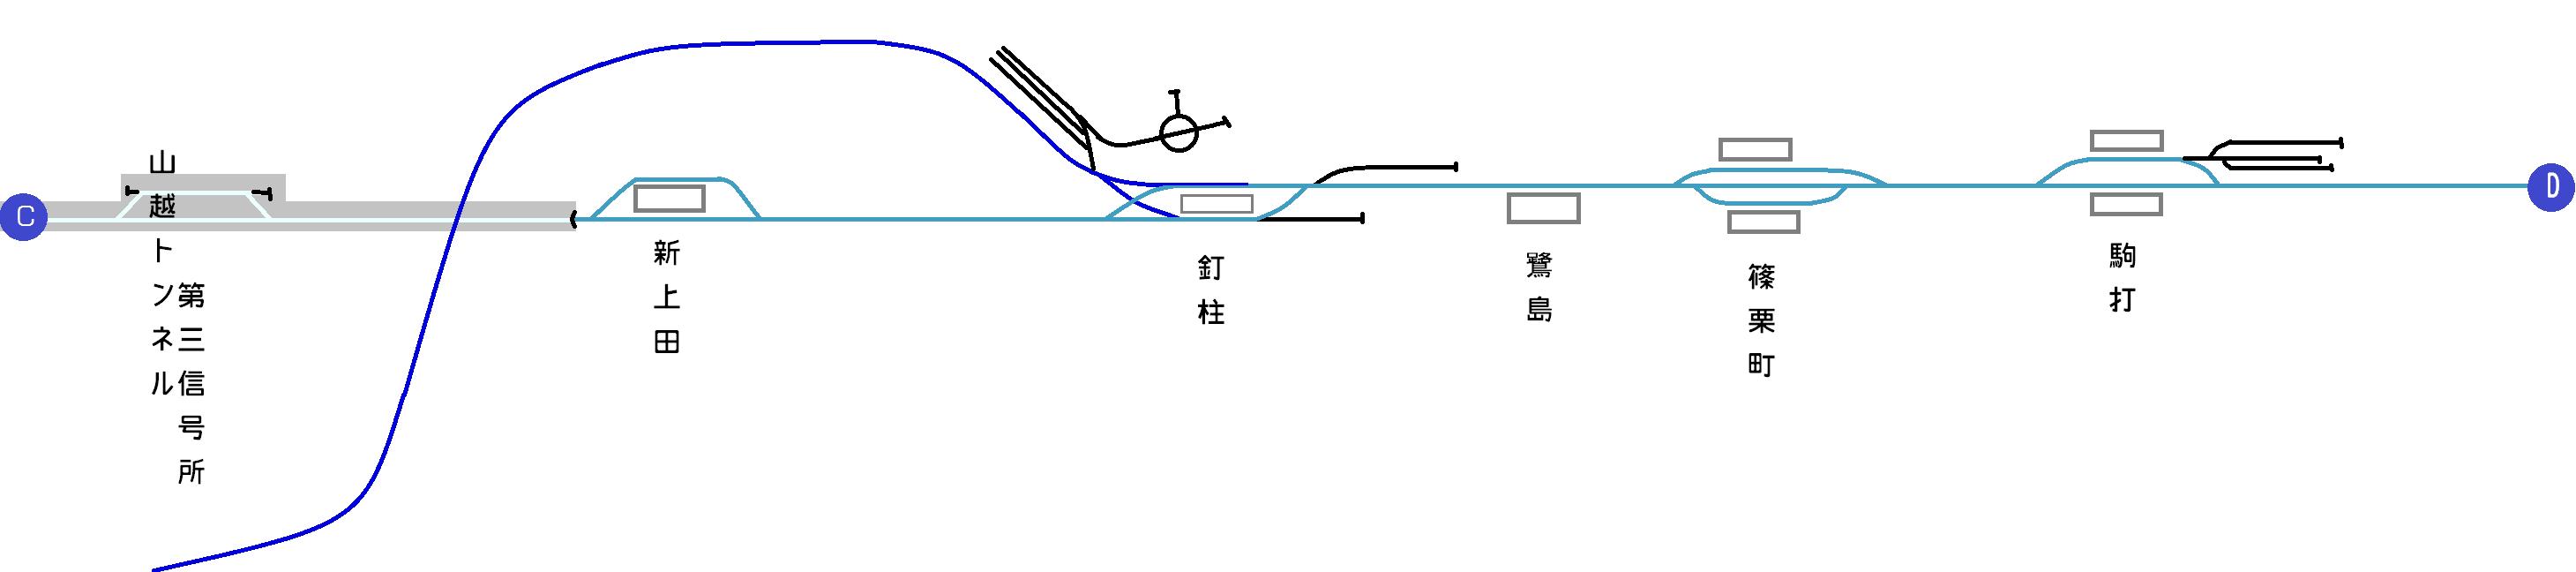 川潮線配線図4